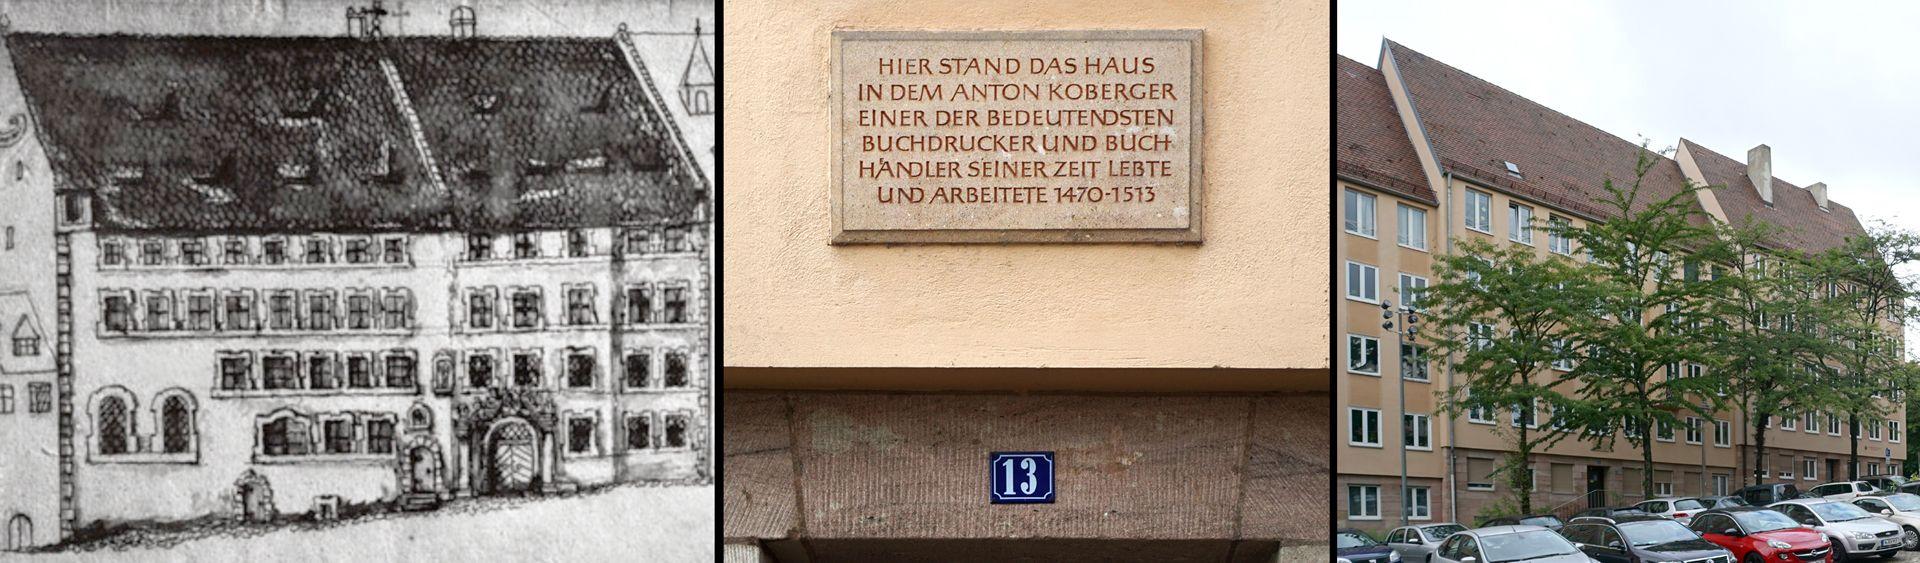 Studiolo des Anton Koberger Gegenüberstellung eines alten Stiches von Jan Boener und der heutigen Situation mit Gedächtnistafel